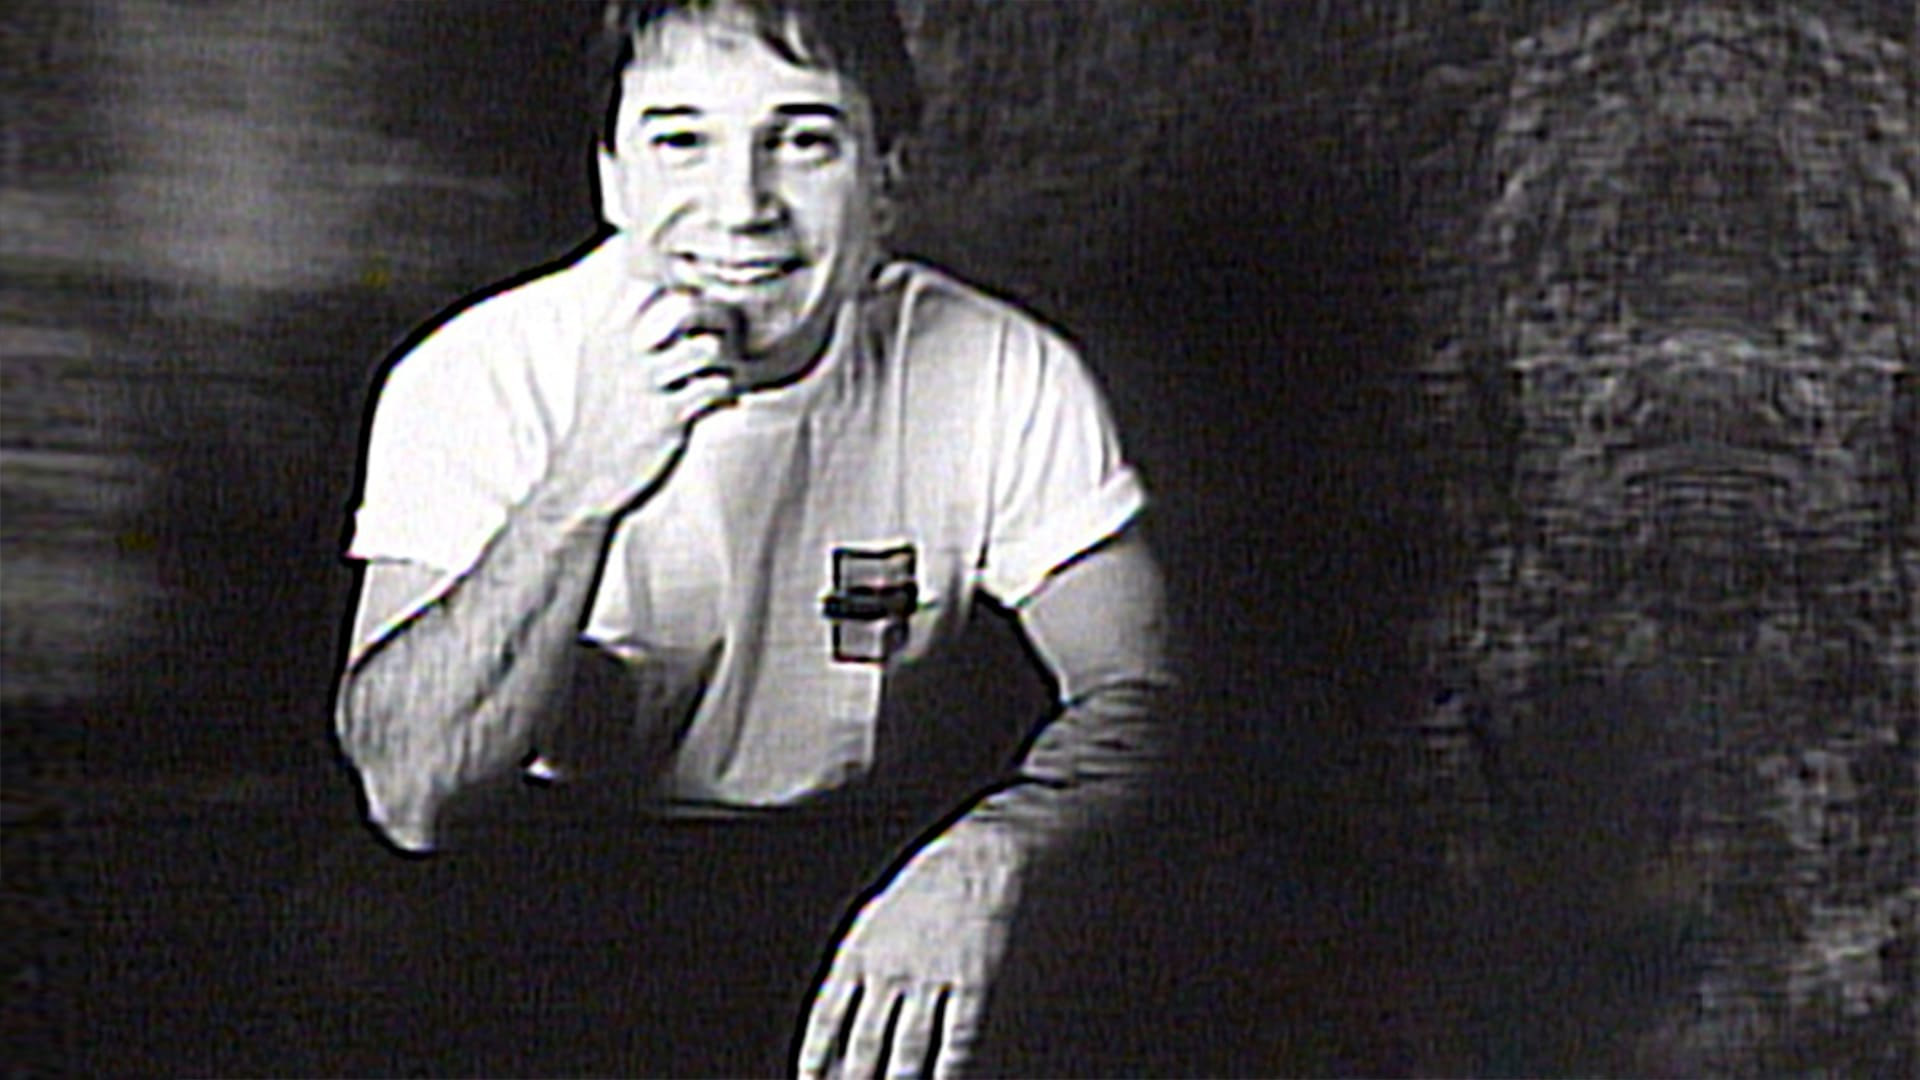 Paul Simon: December 19, 1987